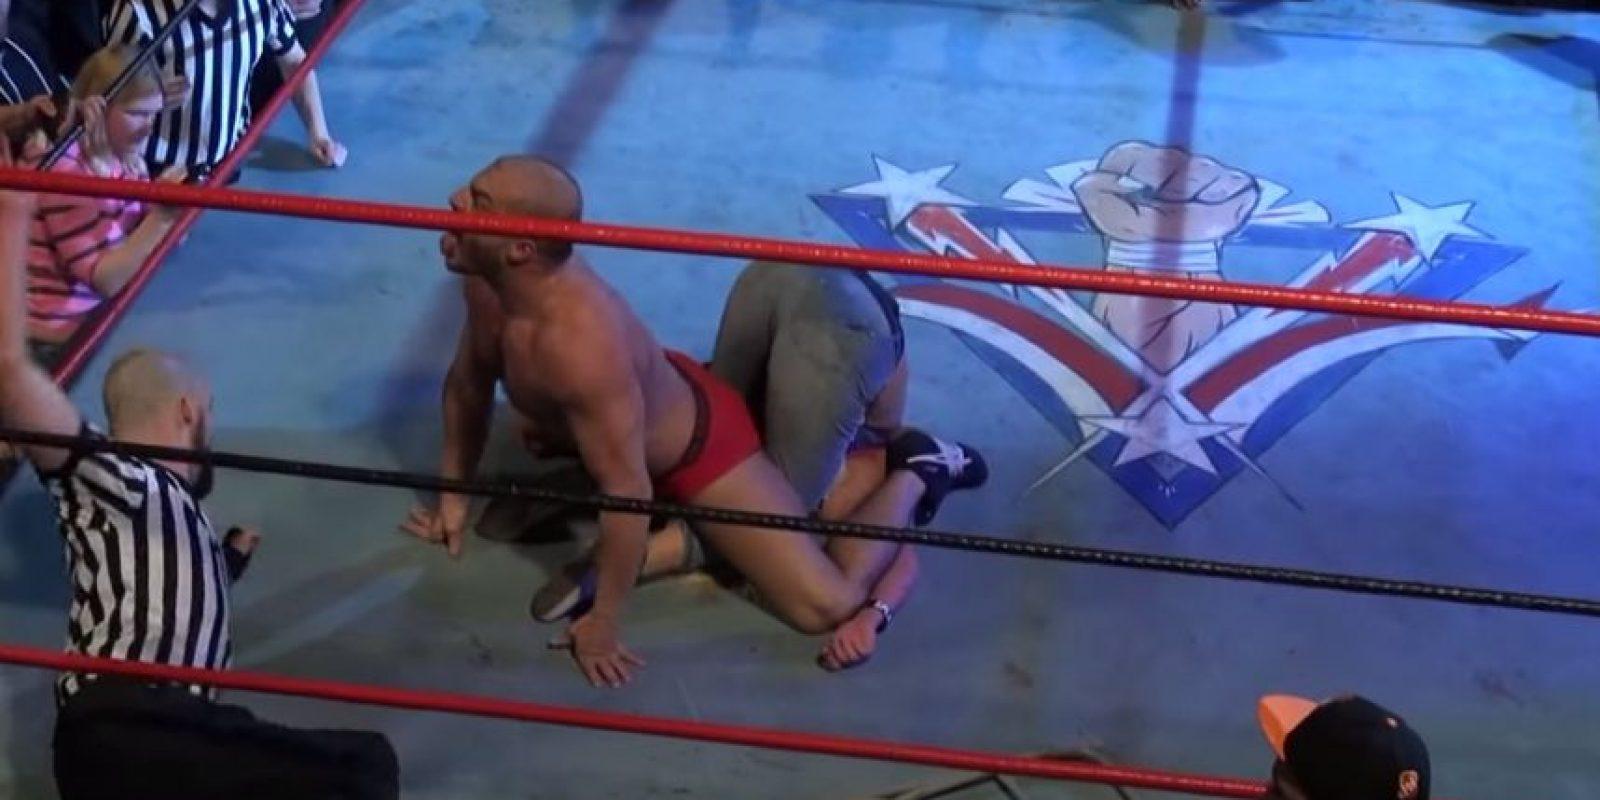 """Y la cubrió de una forma """"sexista"""" Foto:Youtube: Beyond Wrestling"""